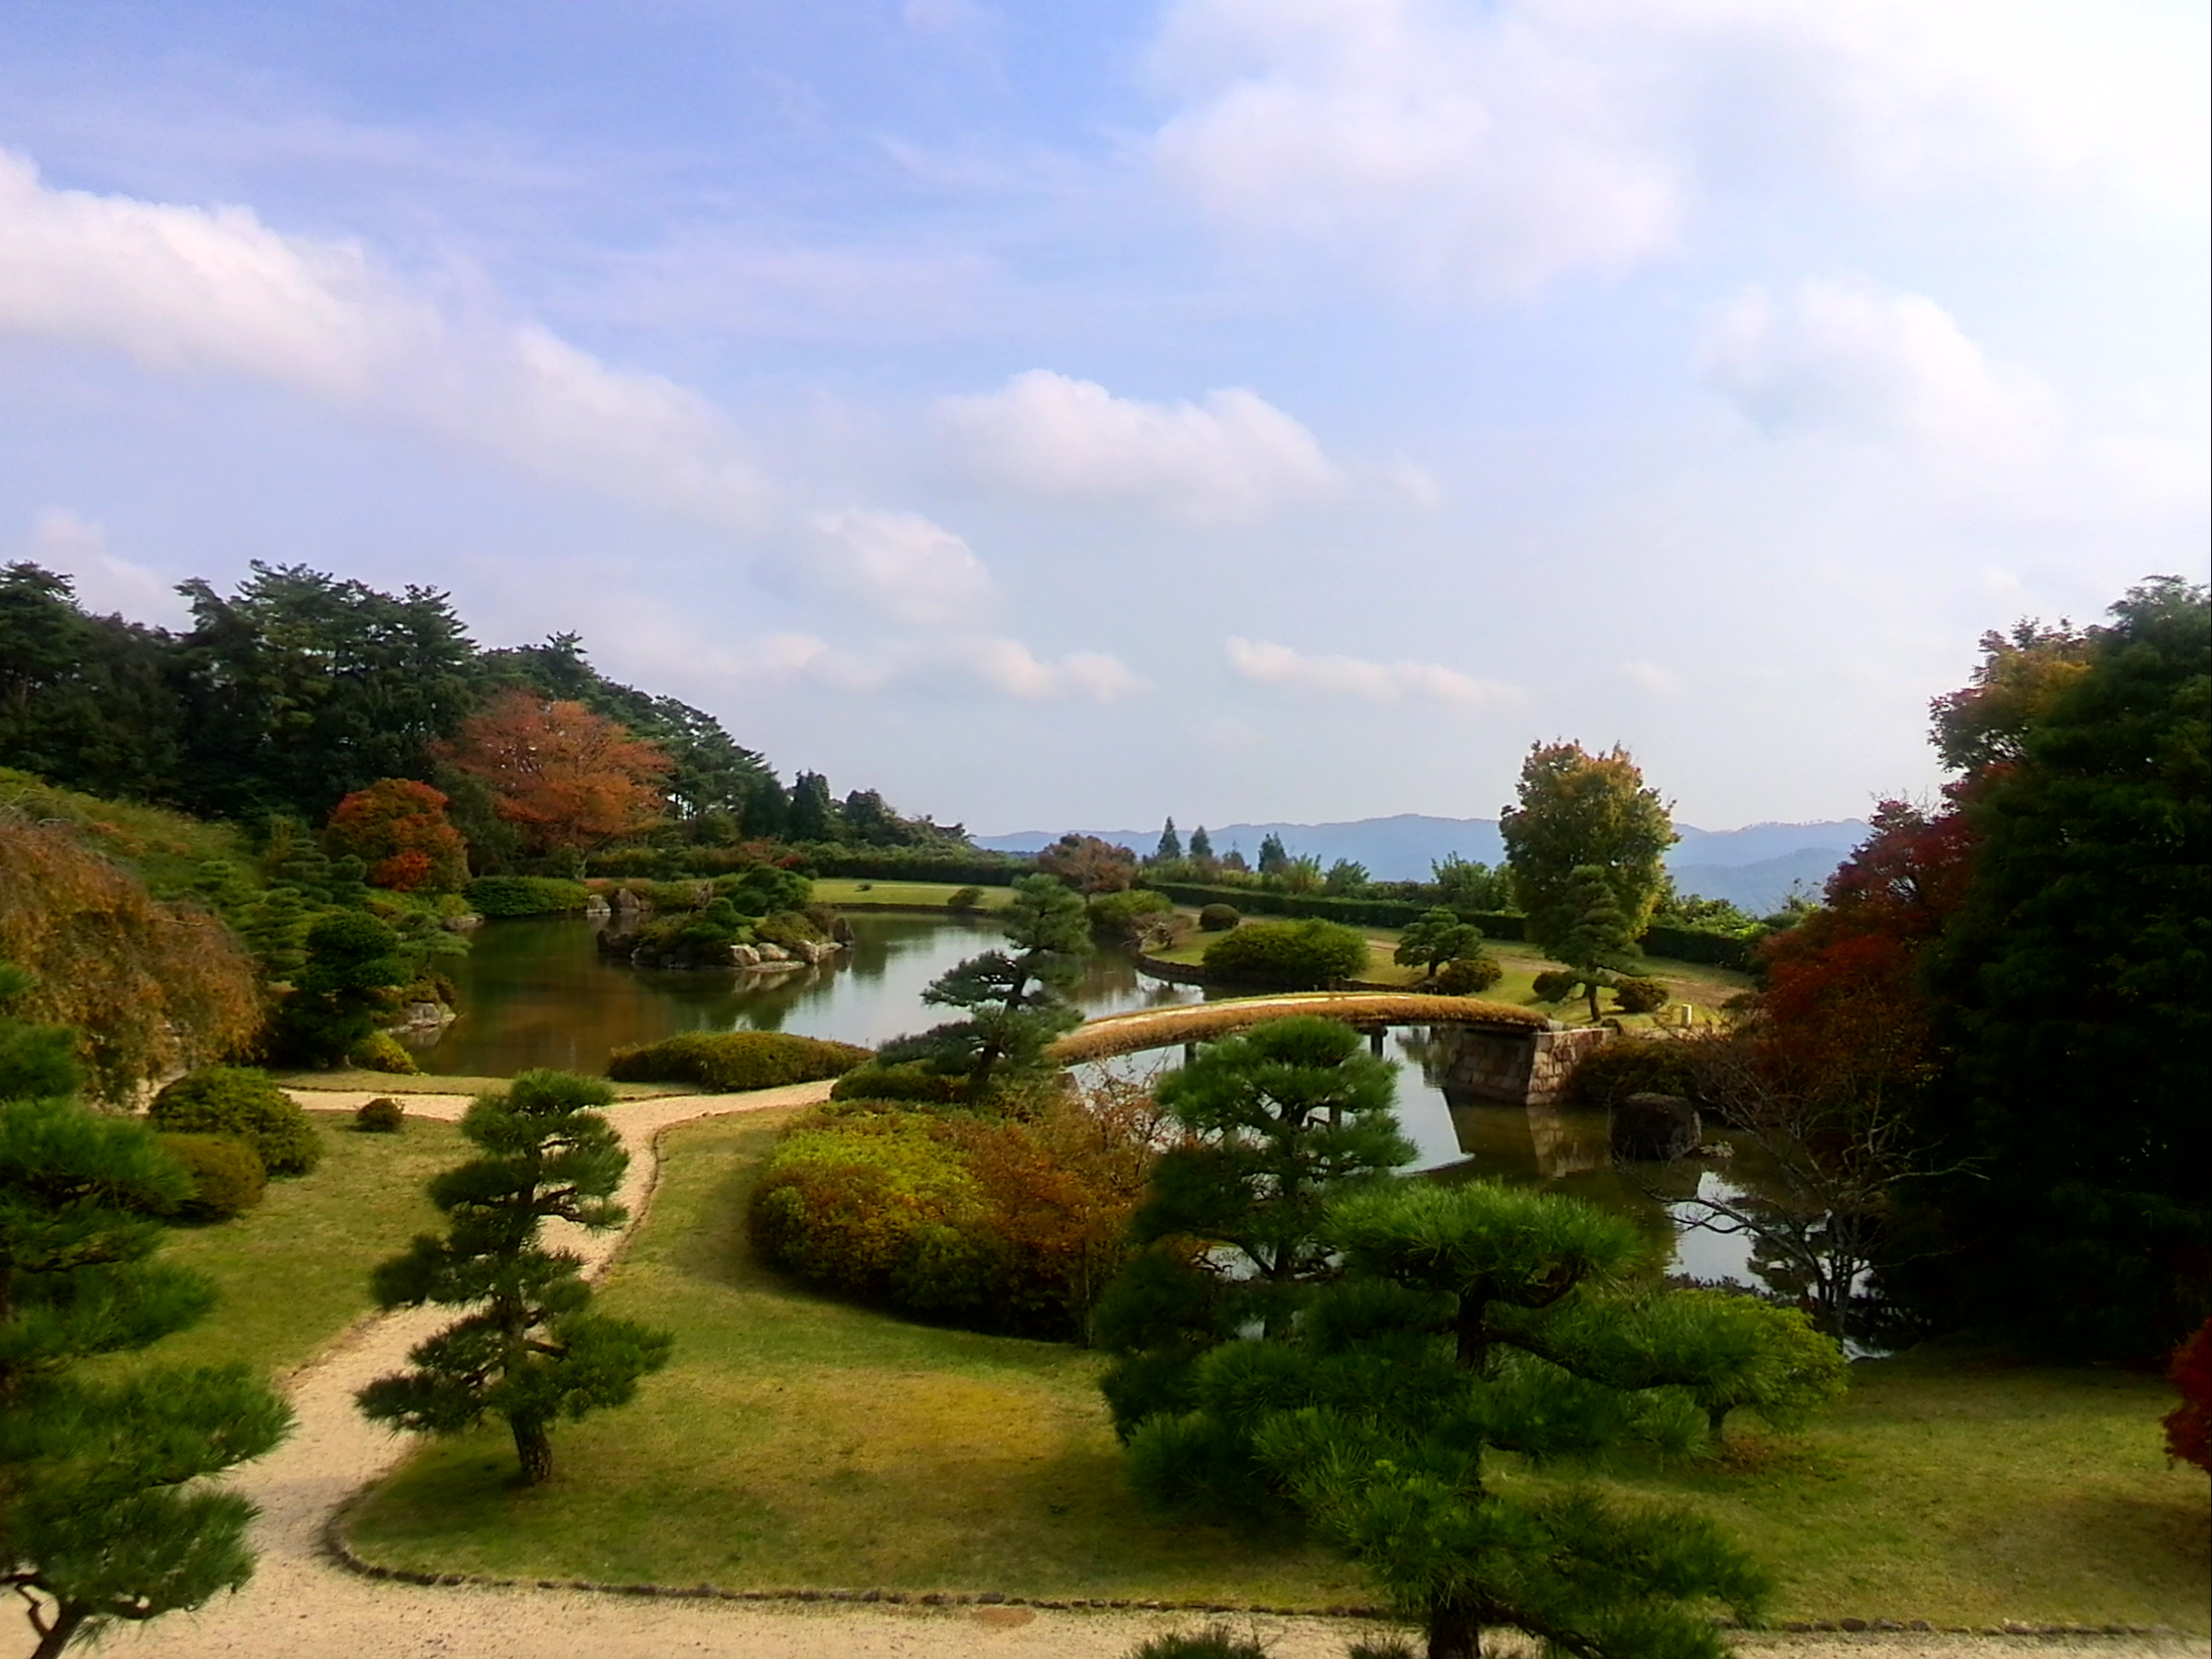 紅葉の時期到来。日本庭園で凛とした時間を過ごす~神石高原ホテル